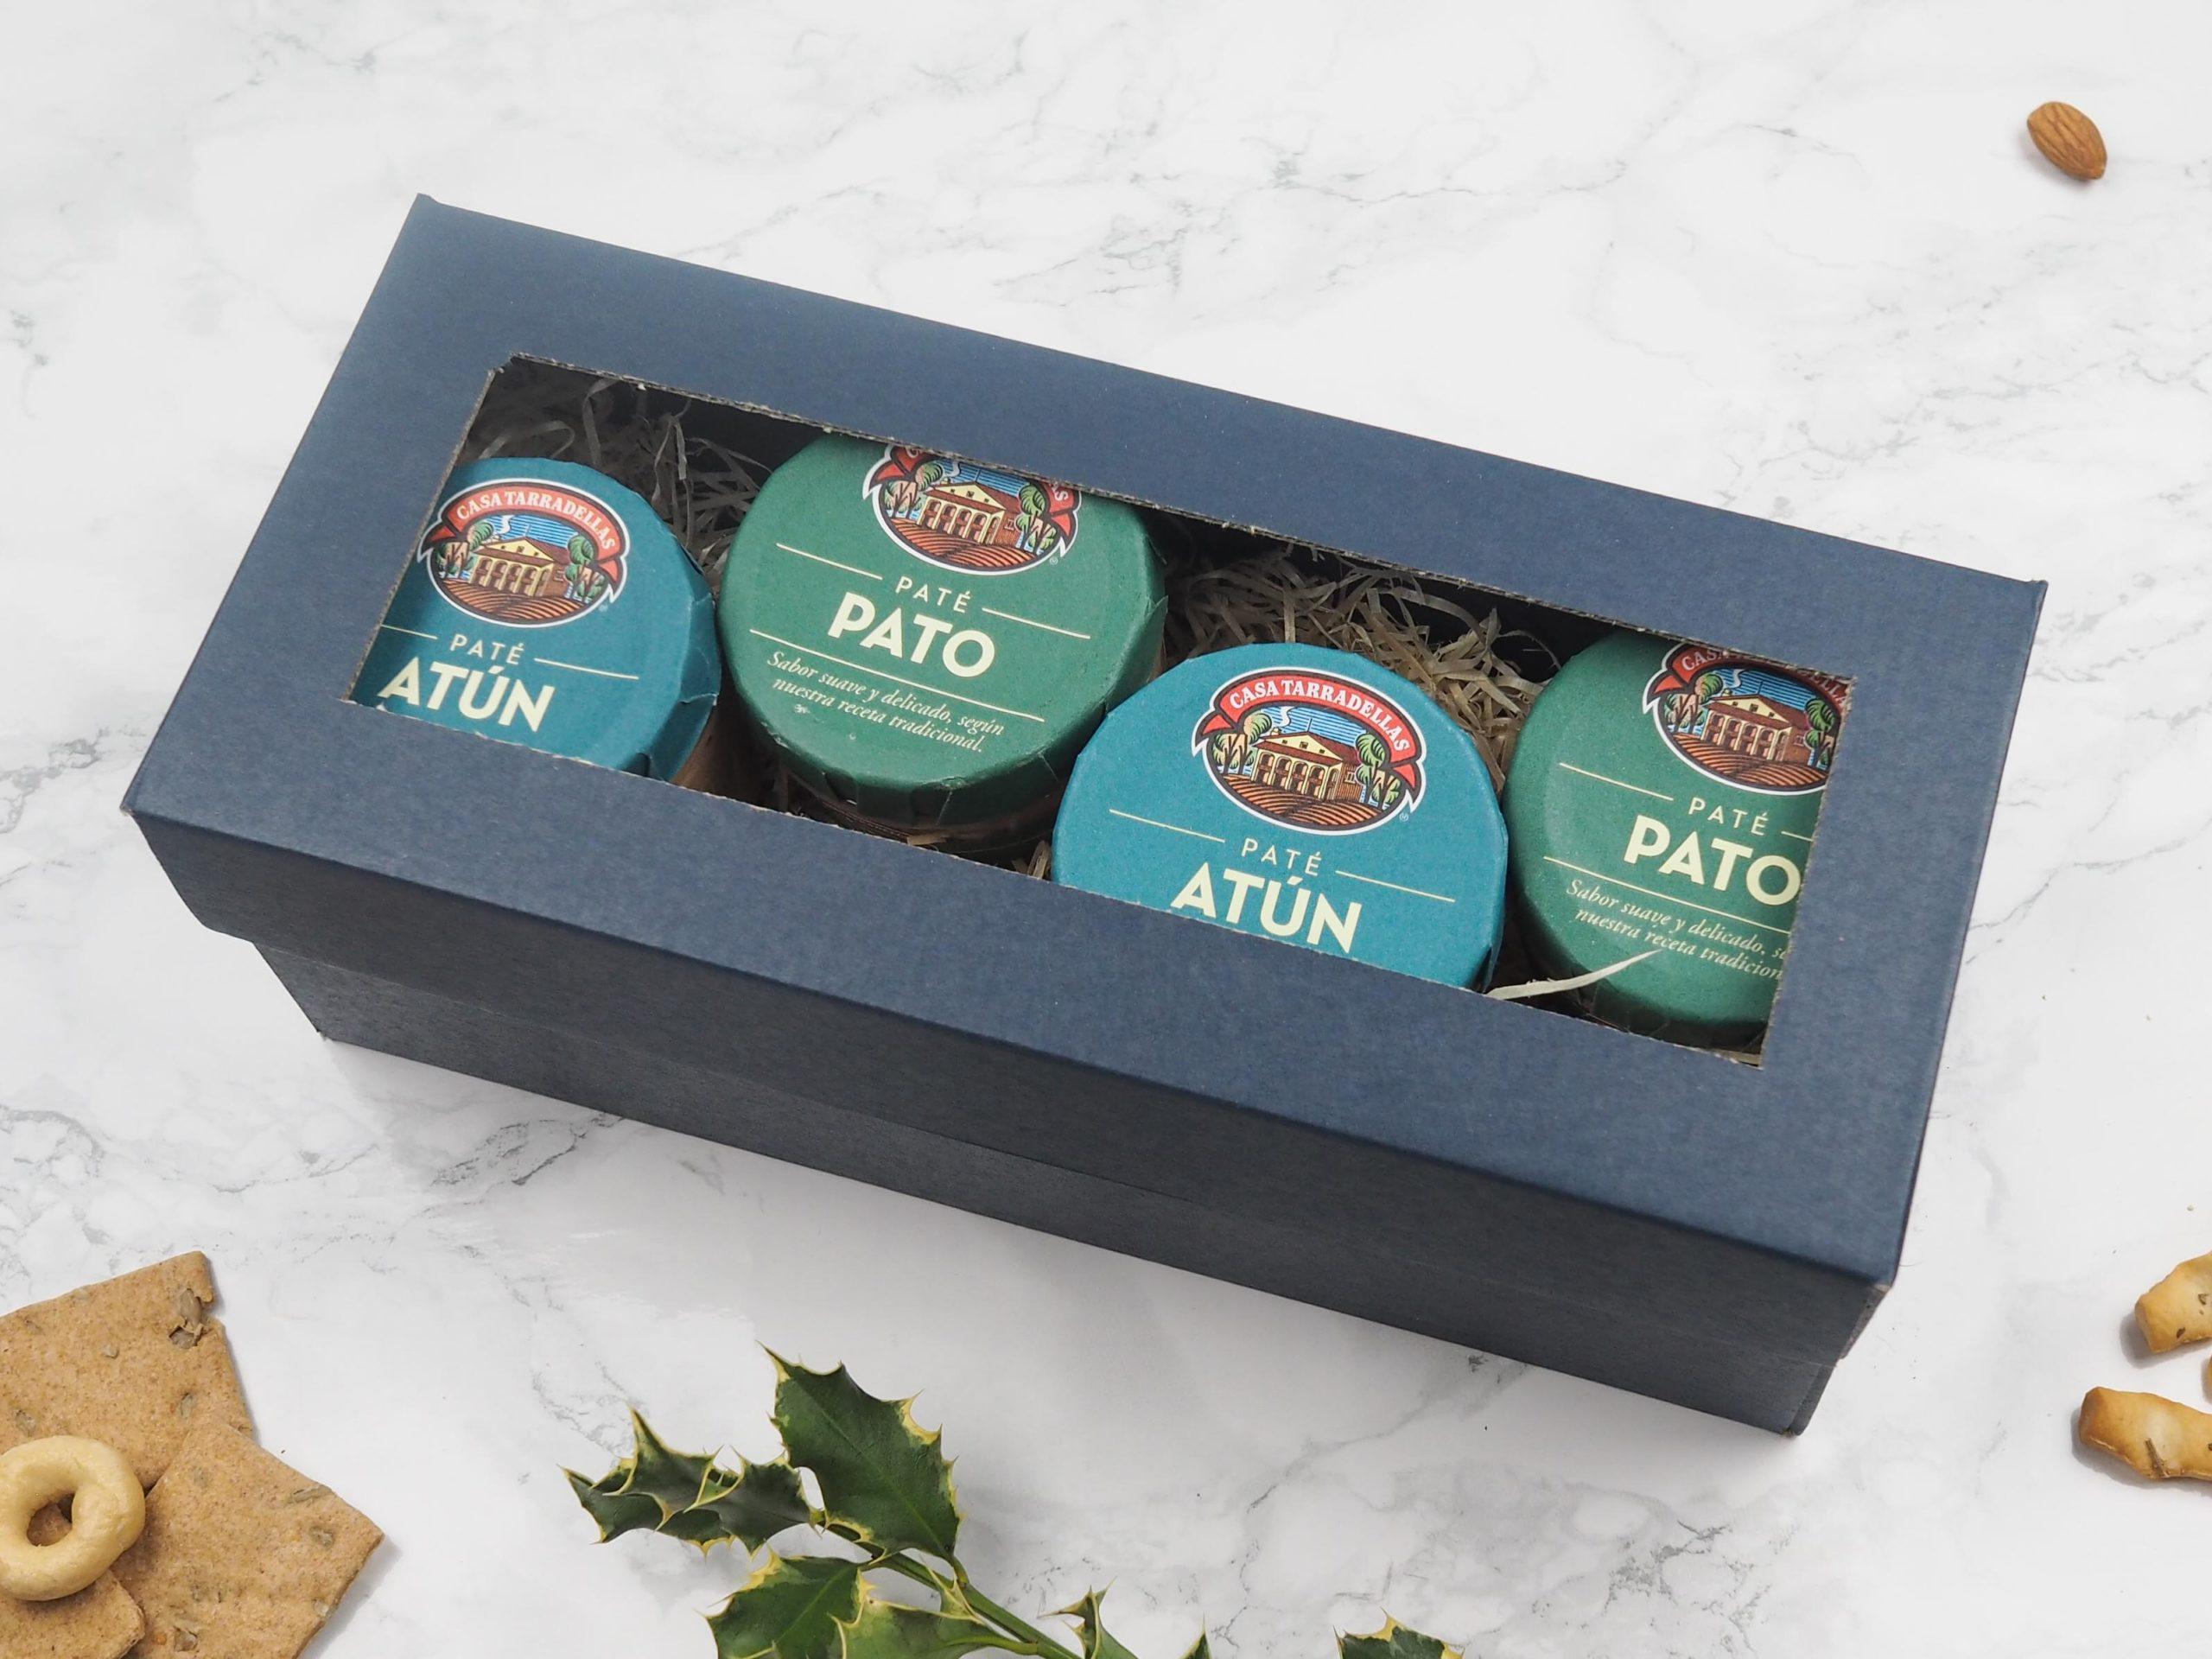 Dárková krabička Atun Pato